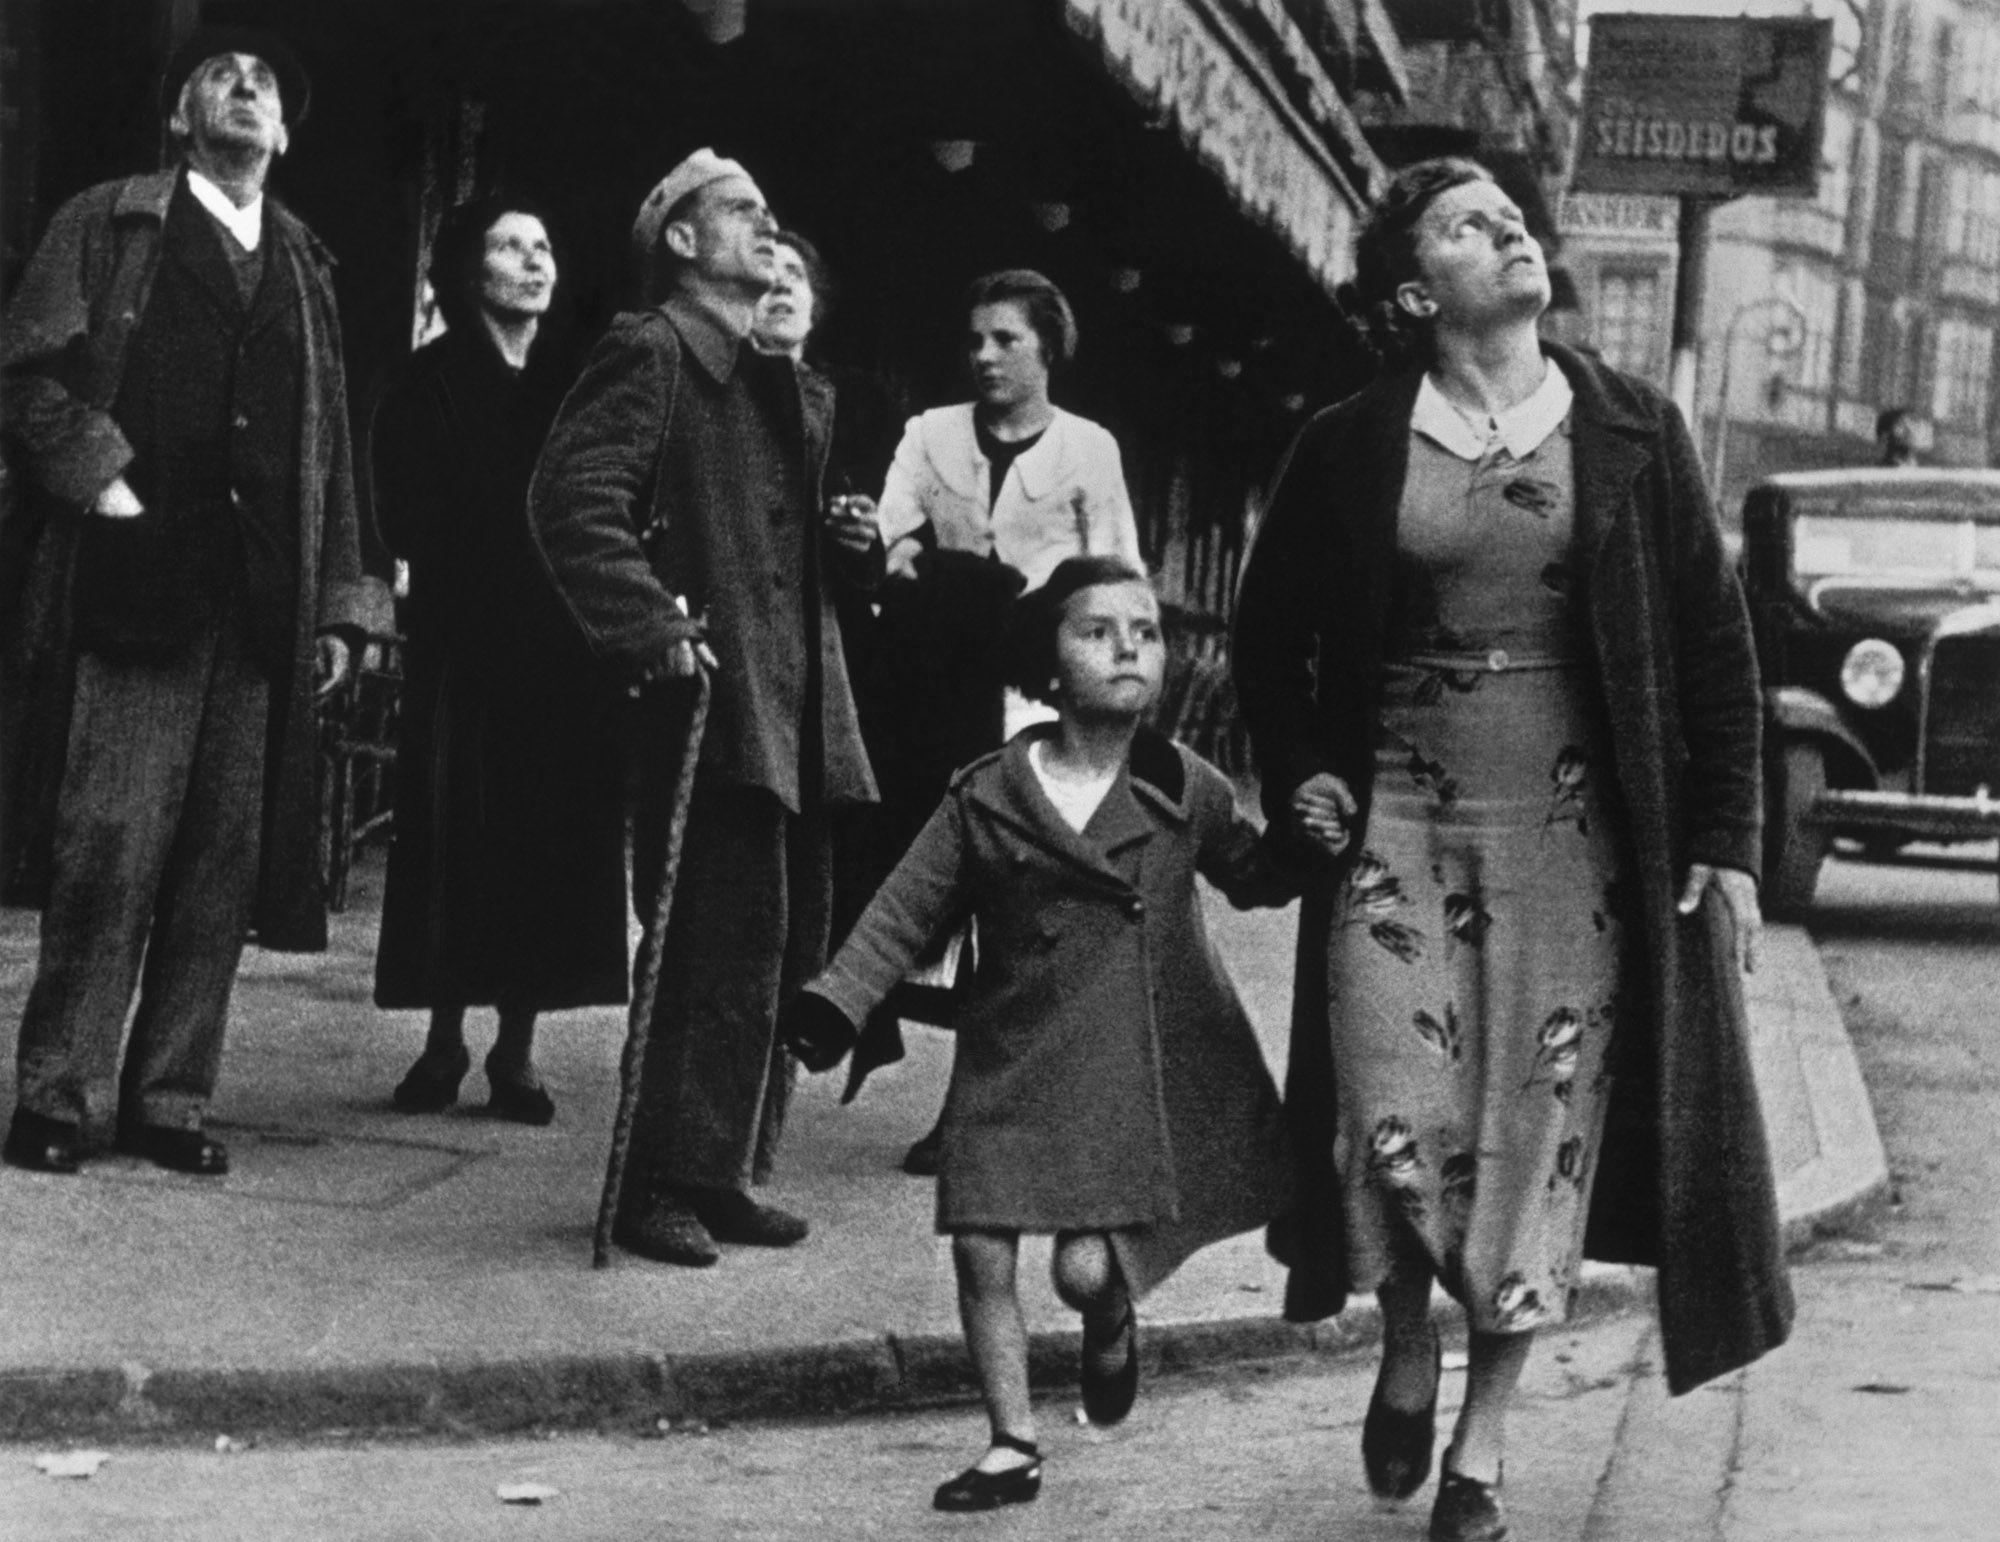 El fotógrafo demasiado cerca: Robert Capa nació hace 100 años